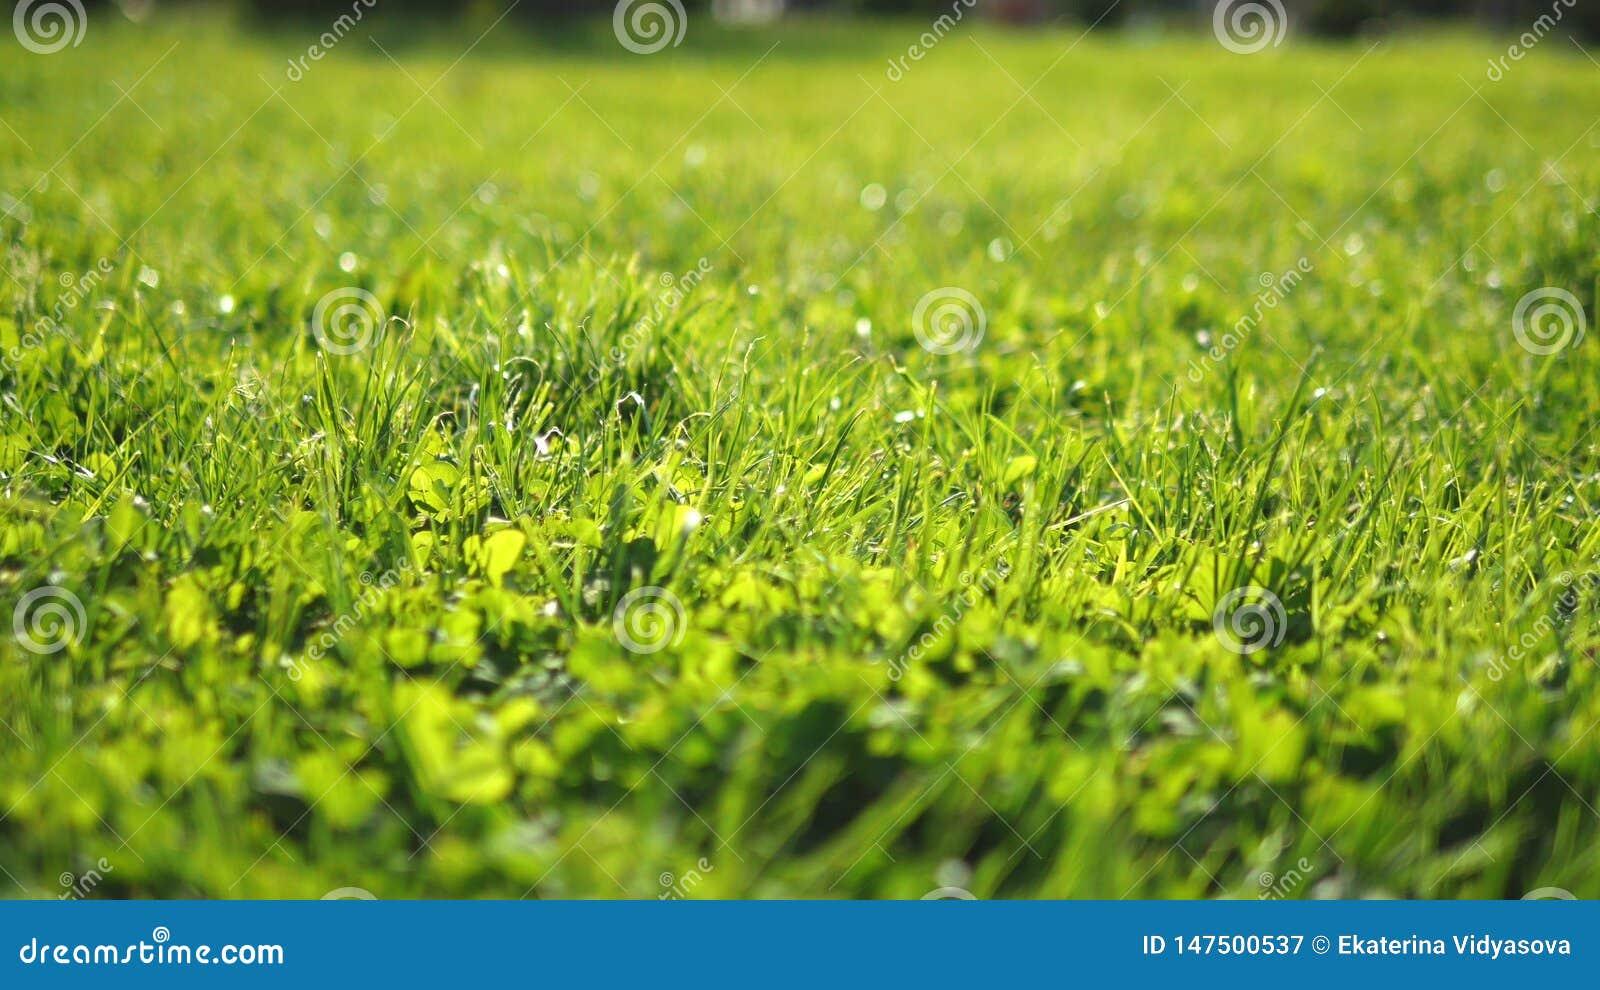 Primo piano giovane erba sistemata verde succosa al sole, fondo fresco luminoso, struttura